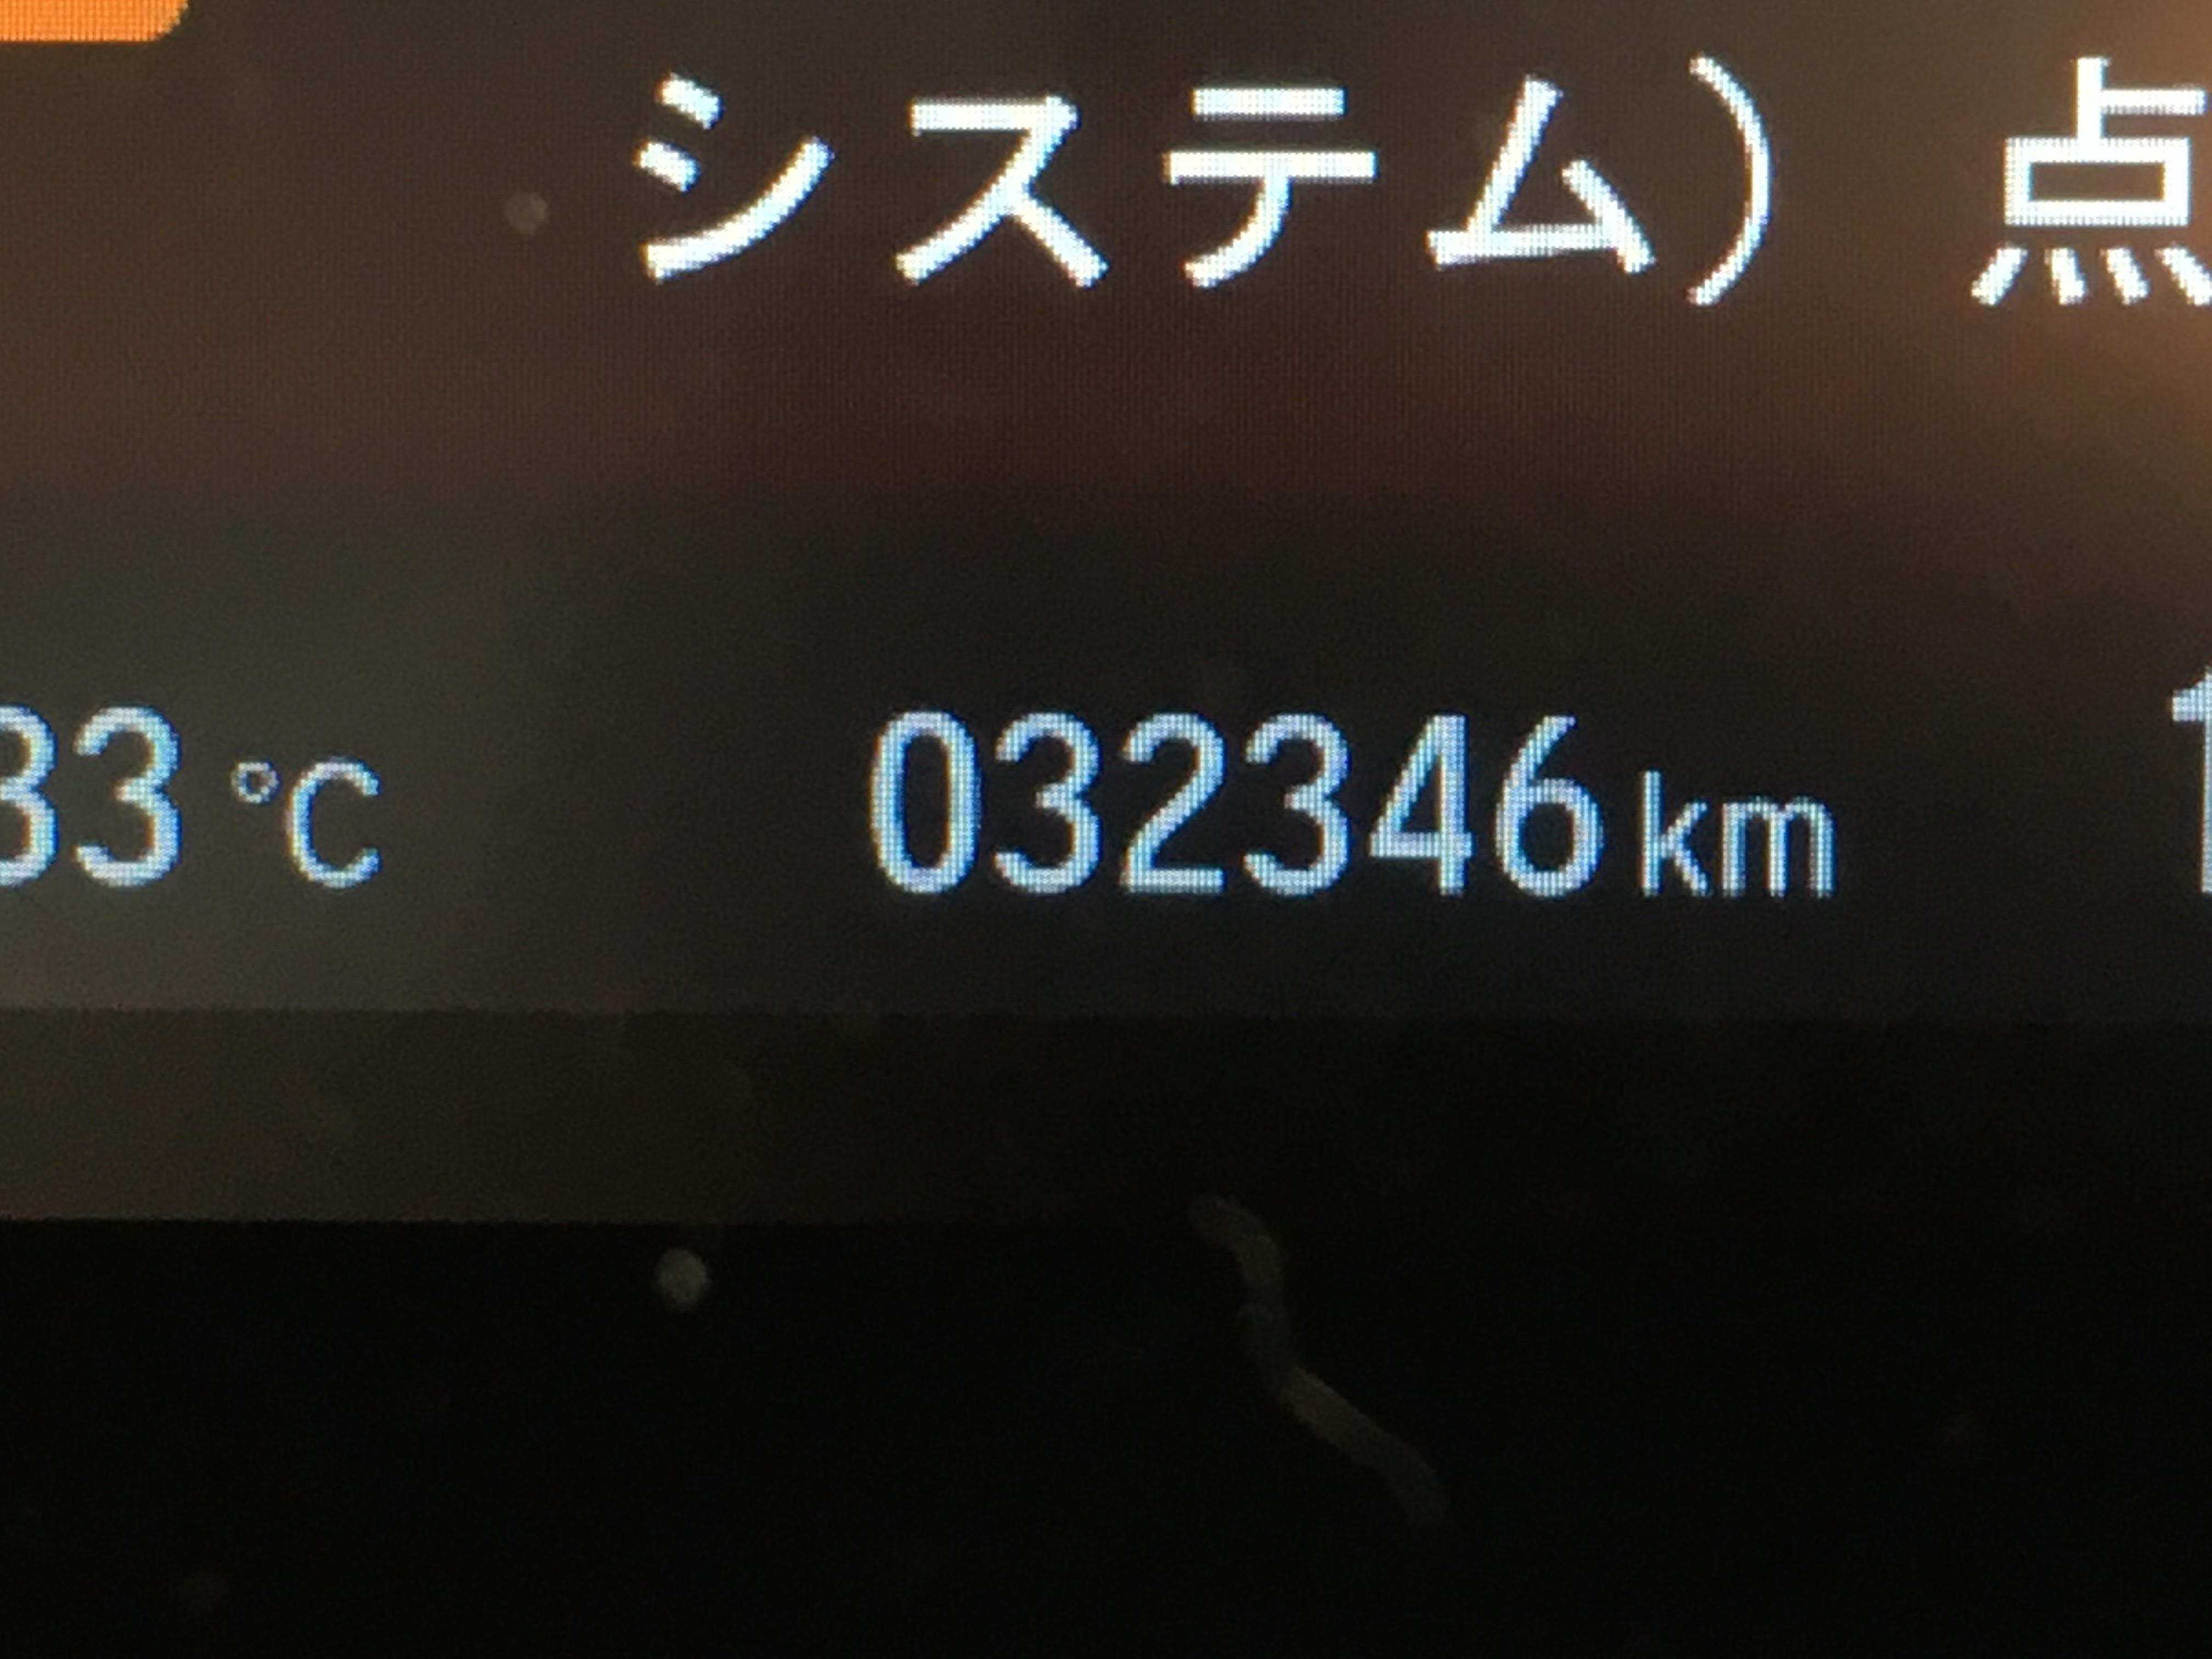 スピードメーター - シビック  Ref:SP264909_6140     5/5